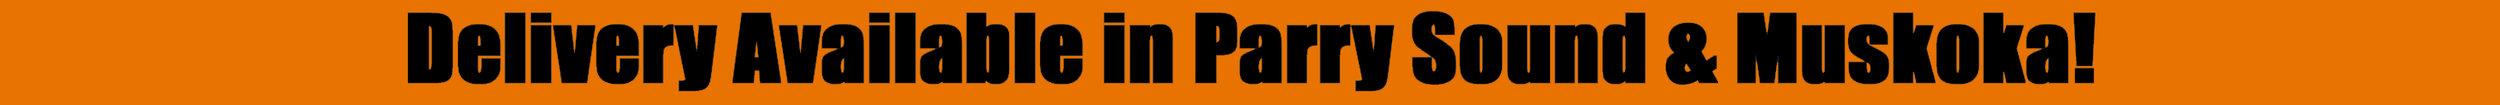 DeliveryAvailableHomePageHeader3.jpg